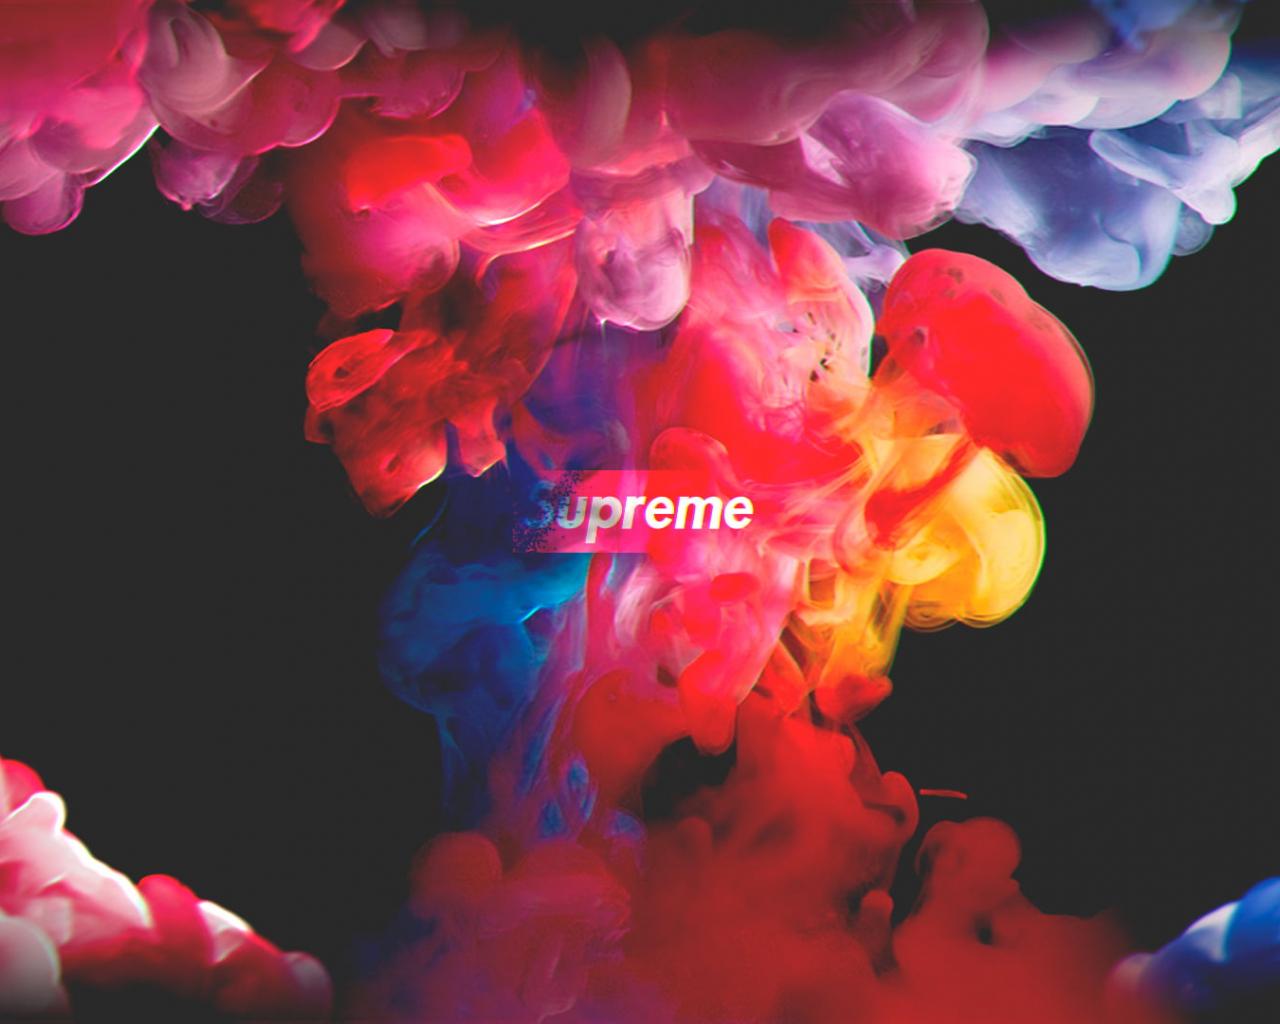 Free Download Supreme Logo Supreme Nature Landscape Hd